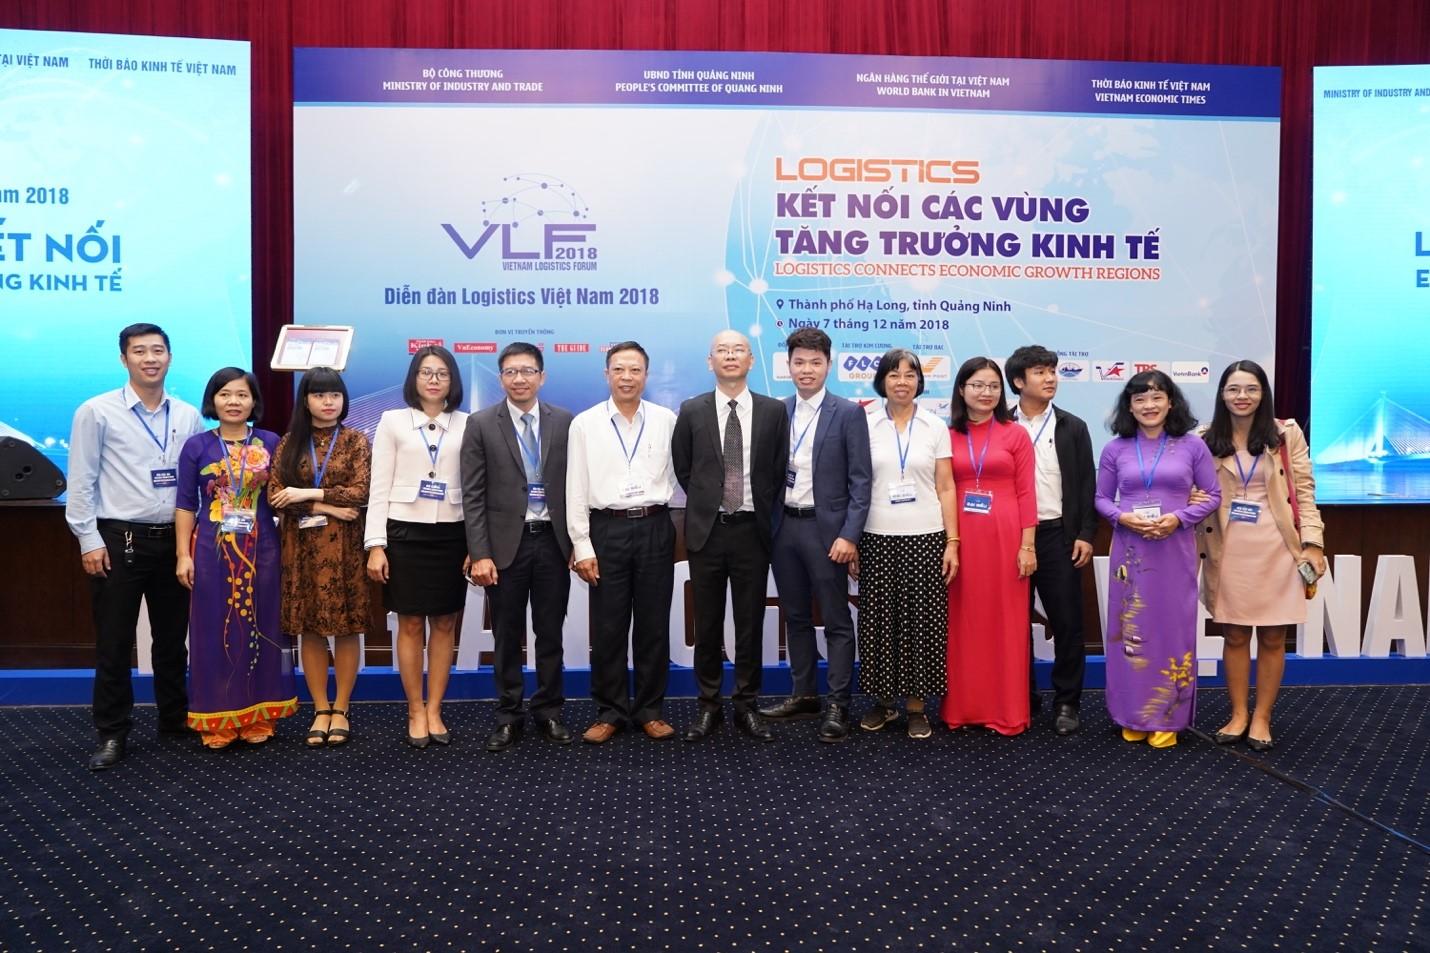 Trường ĐH Giao thông vận tải TP.HCM: Nhận Bằng khen của Bộ Công thương về phát triển ngành dịch vụ Logistics Việt Nam giai đoạn 2017 - 2018